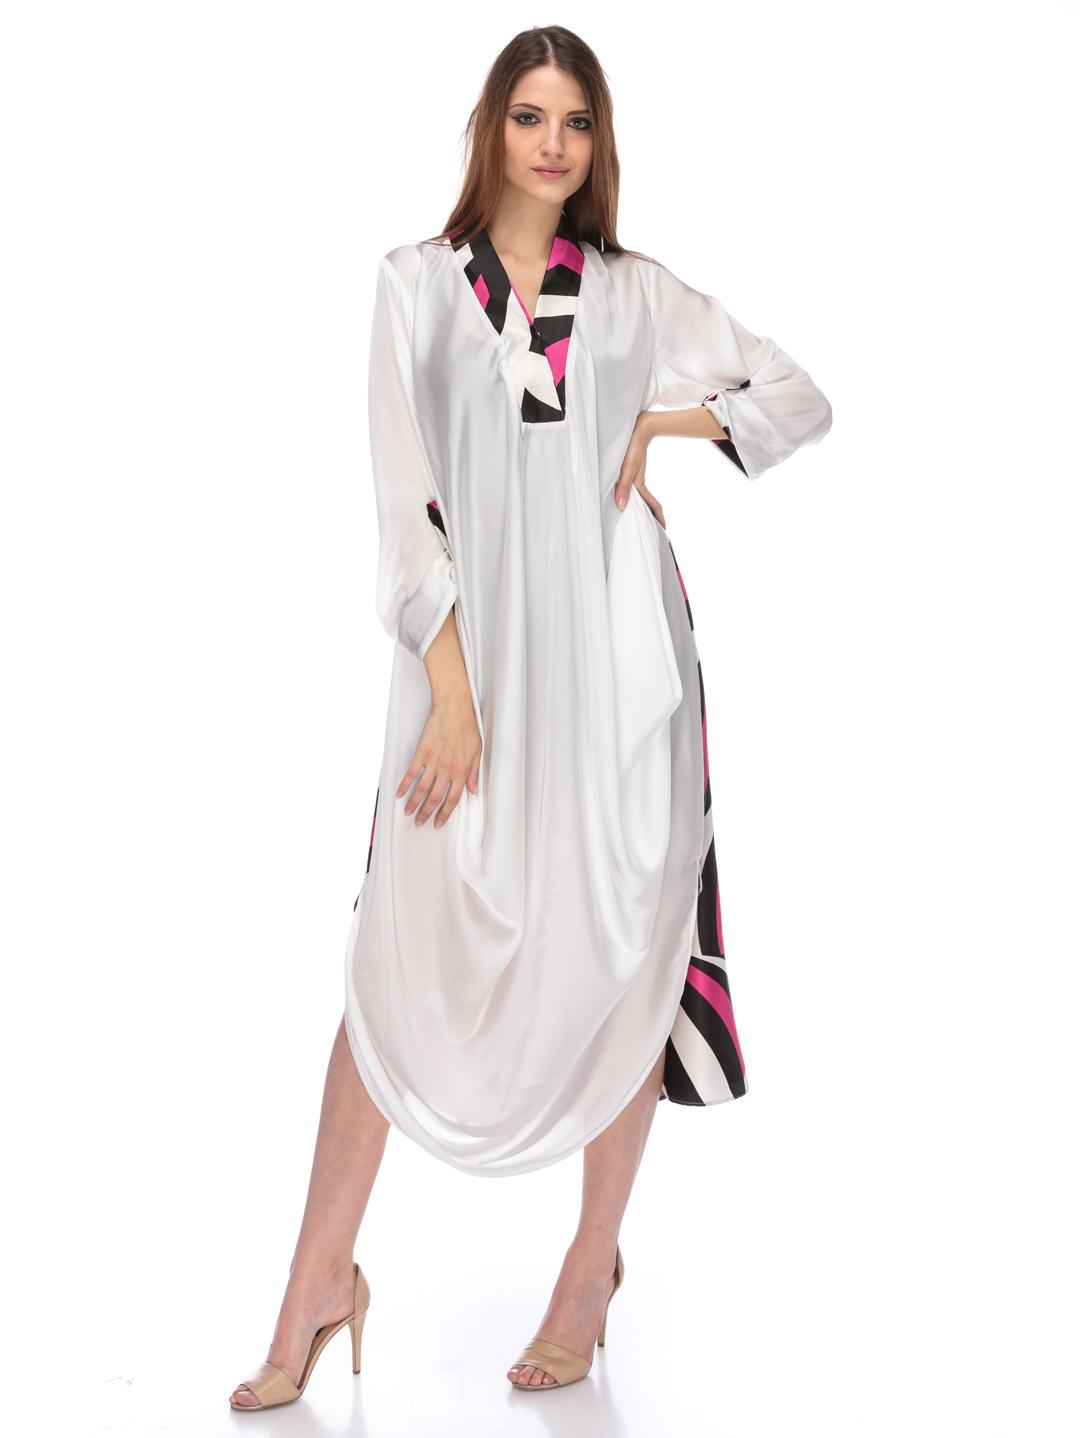 64ecaf1e3e4e2 Silk Shirts Designs 2015 - BCD Tofu House